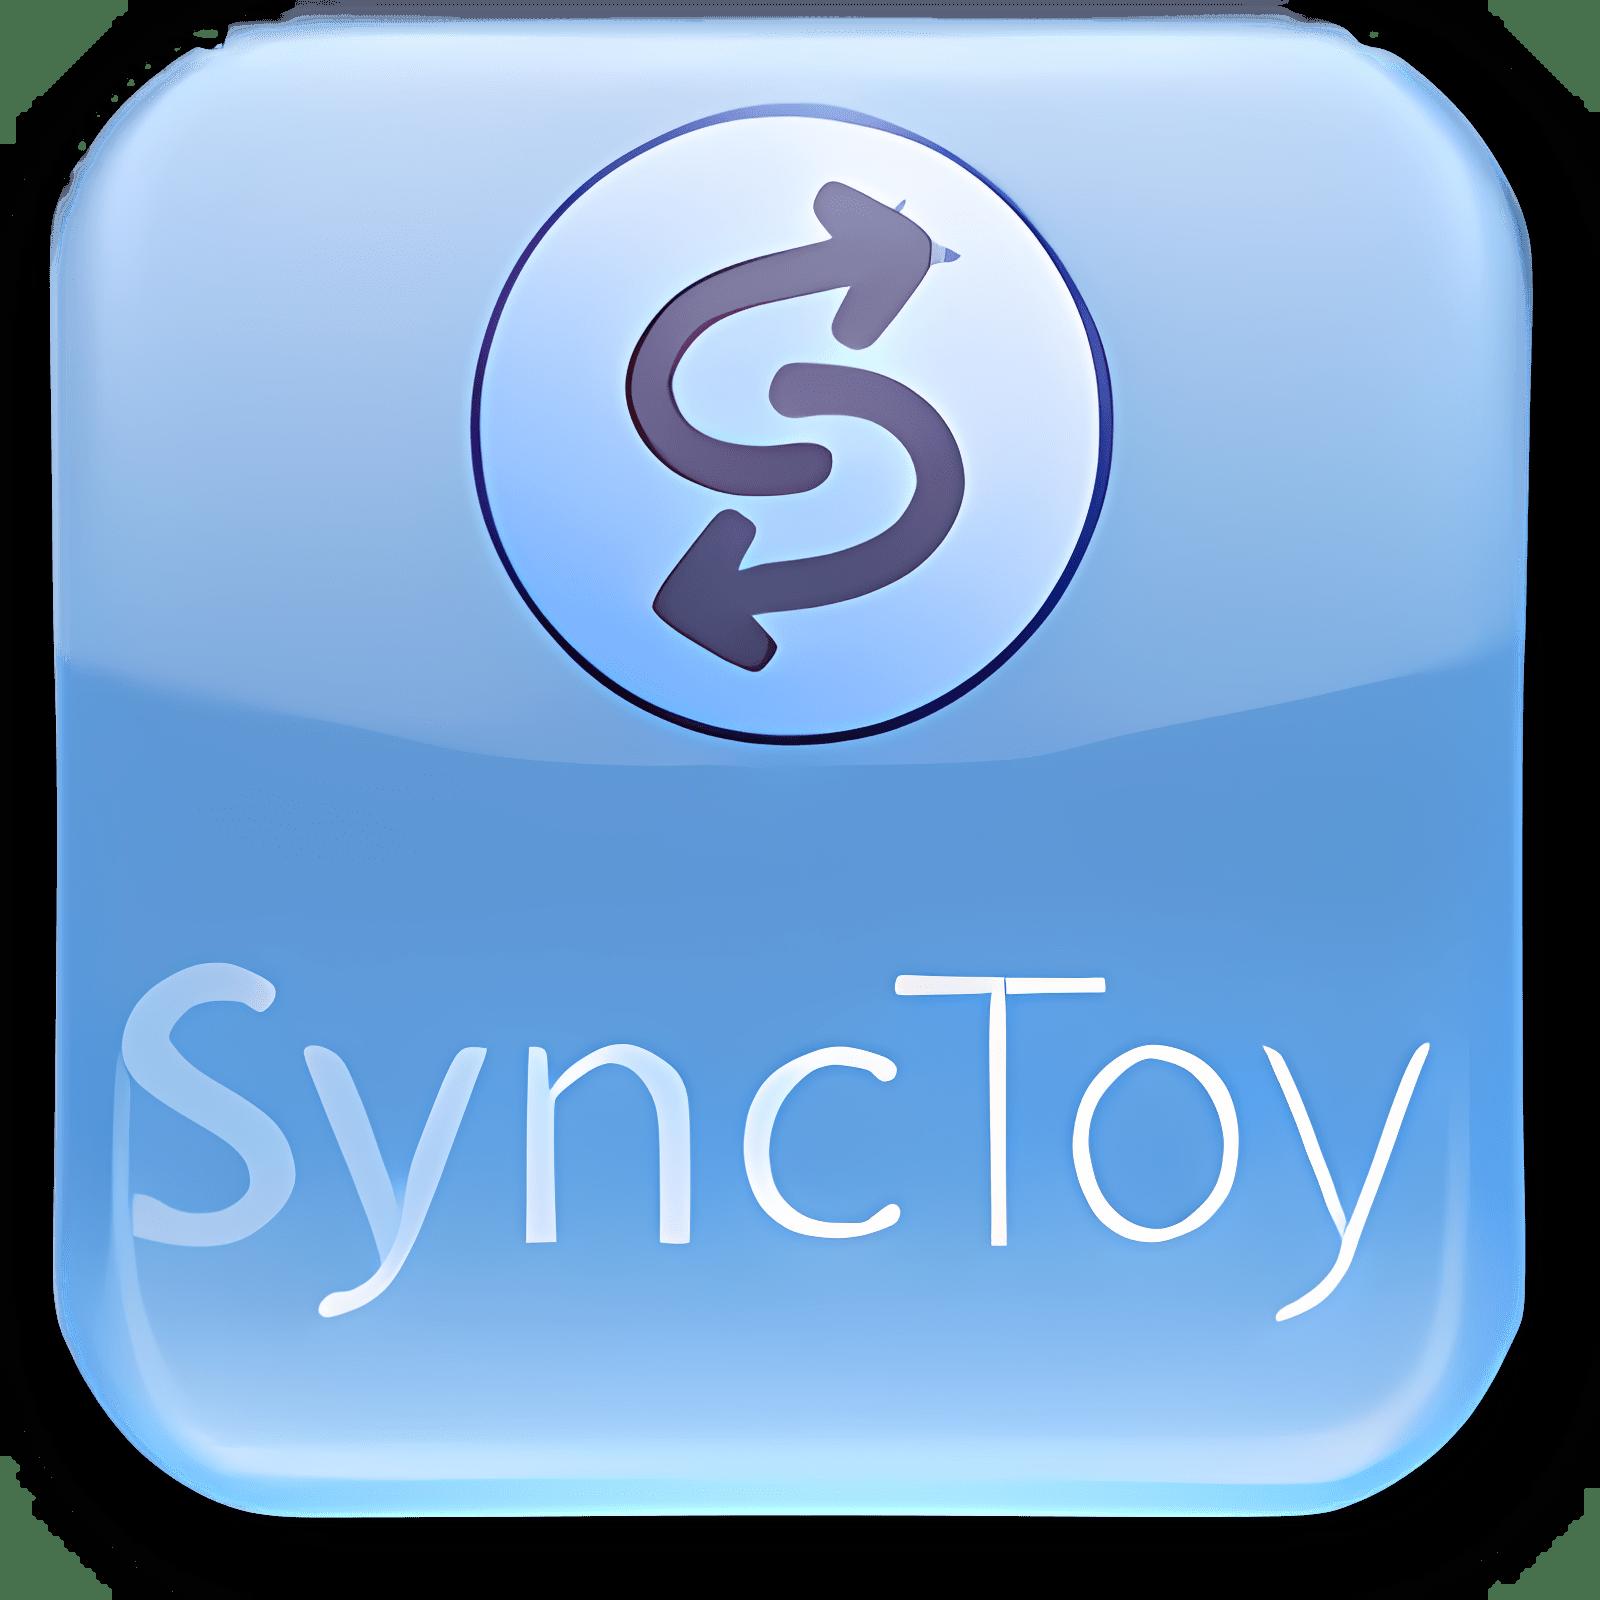 SyncToy